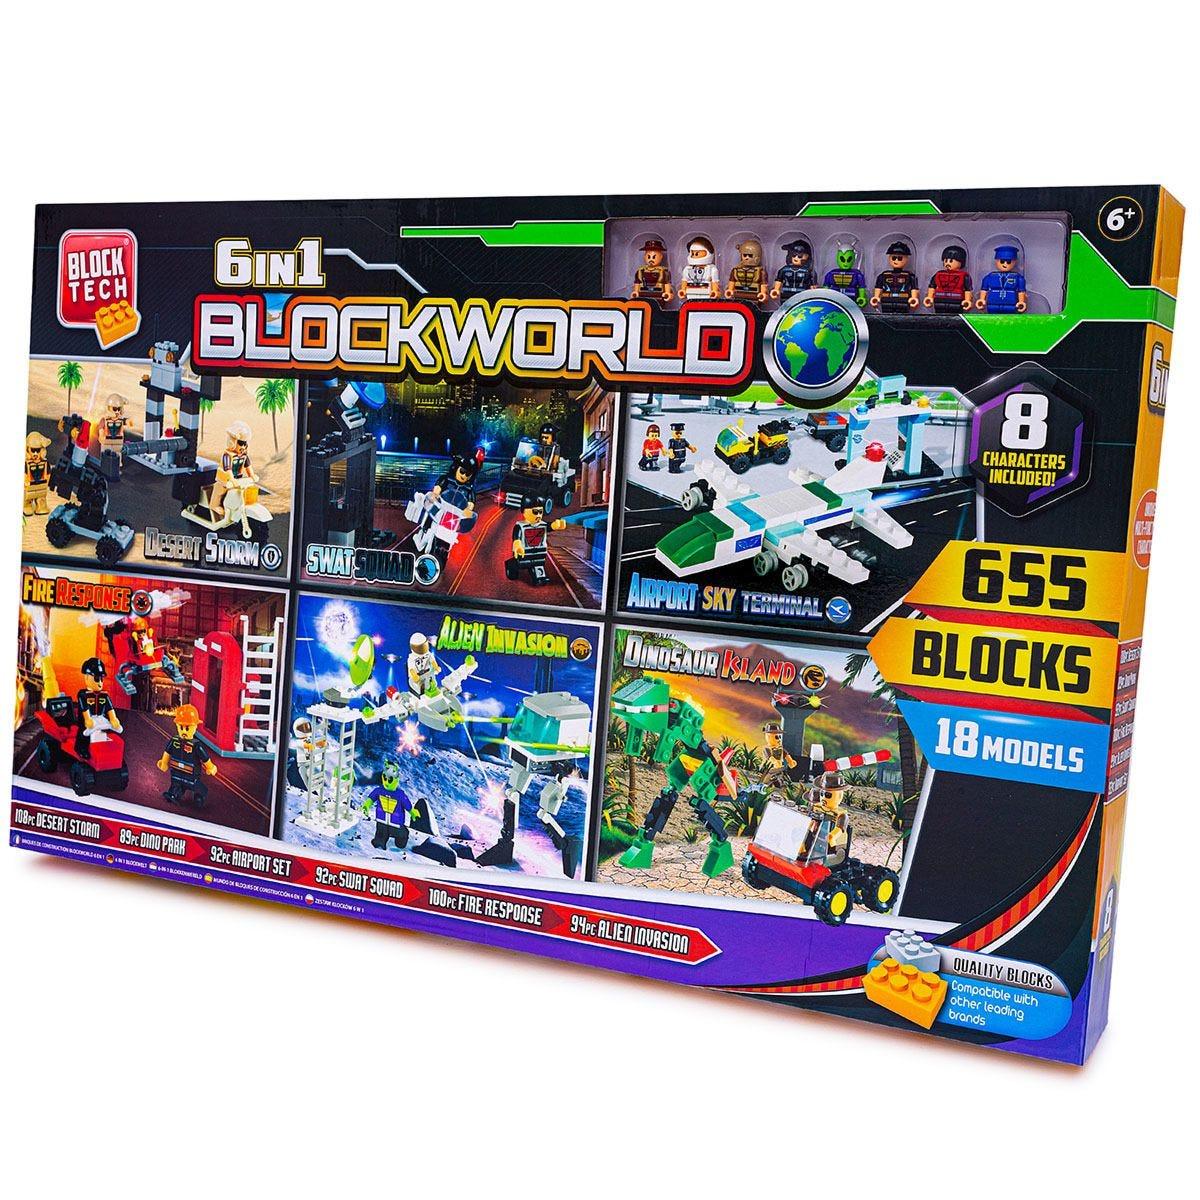 6 in 1 Blockworld Model Set